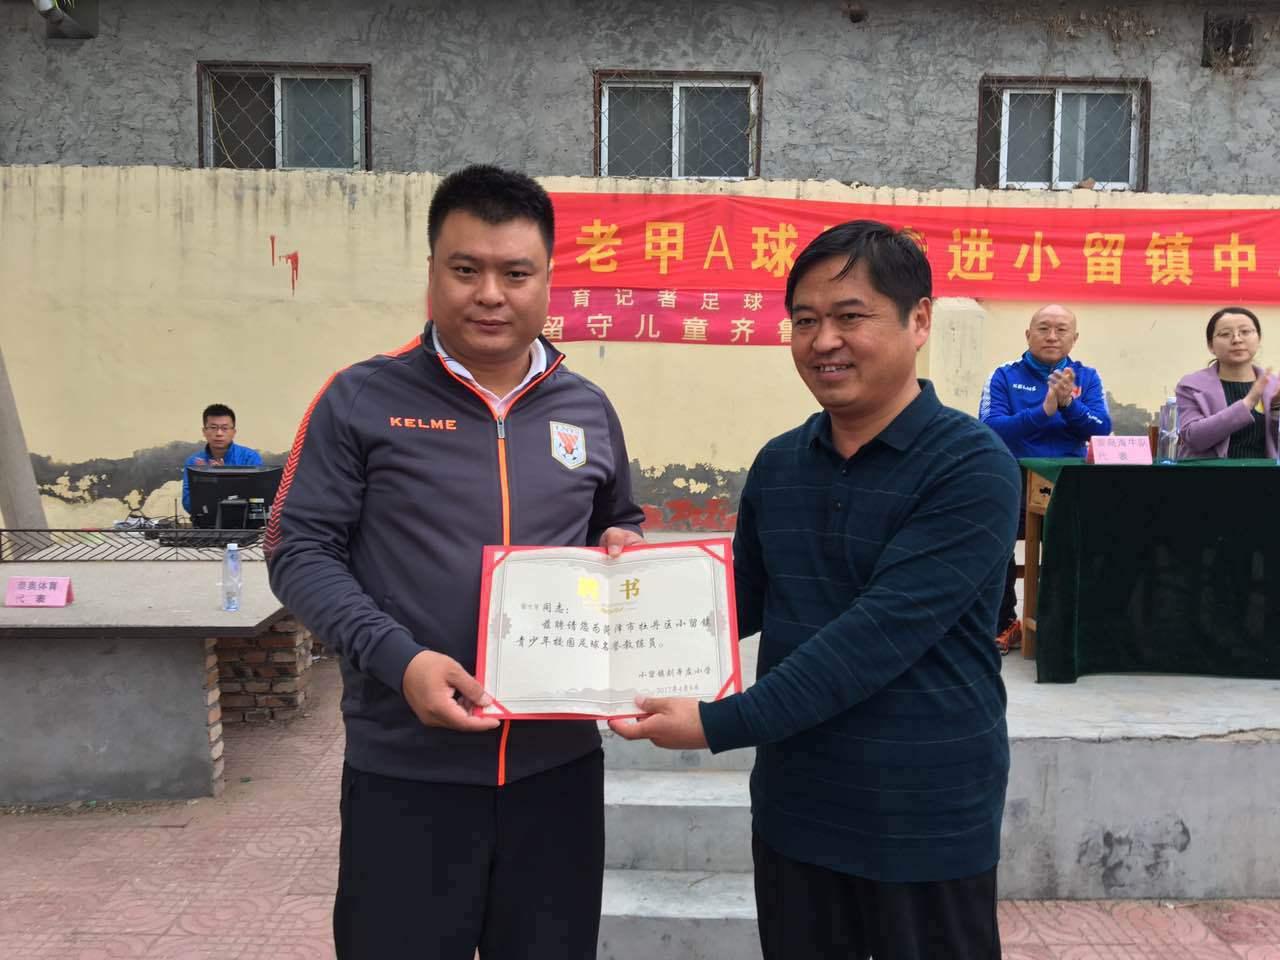 国青超白金一代队长25岁退役 如今成房地产大亨